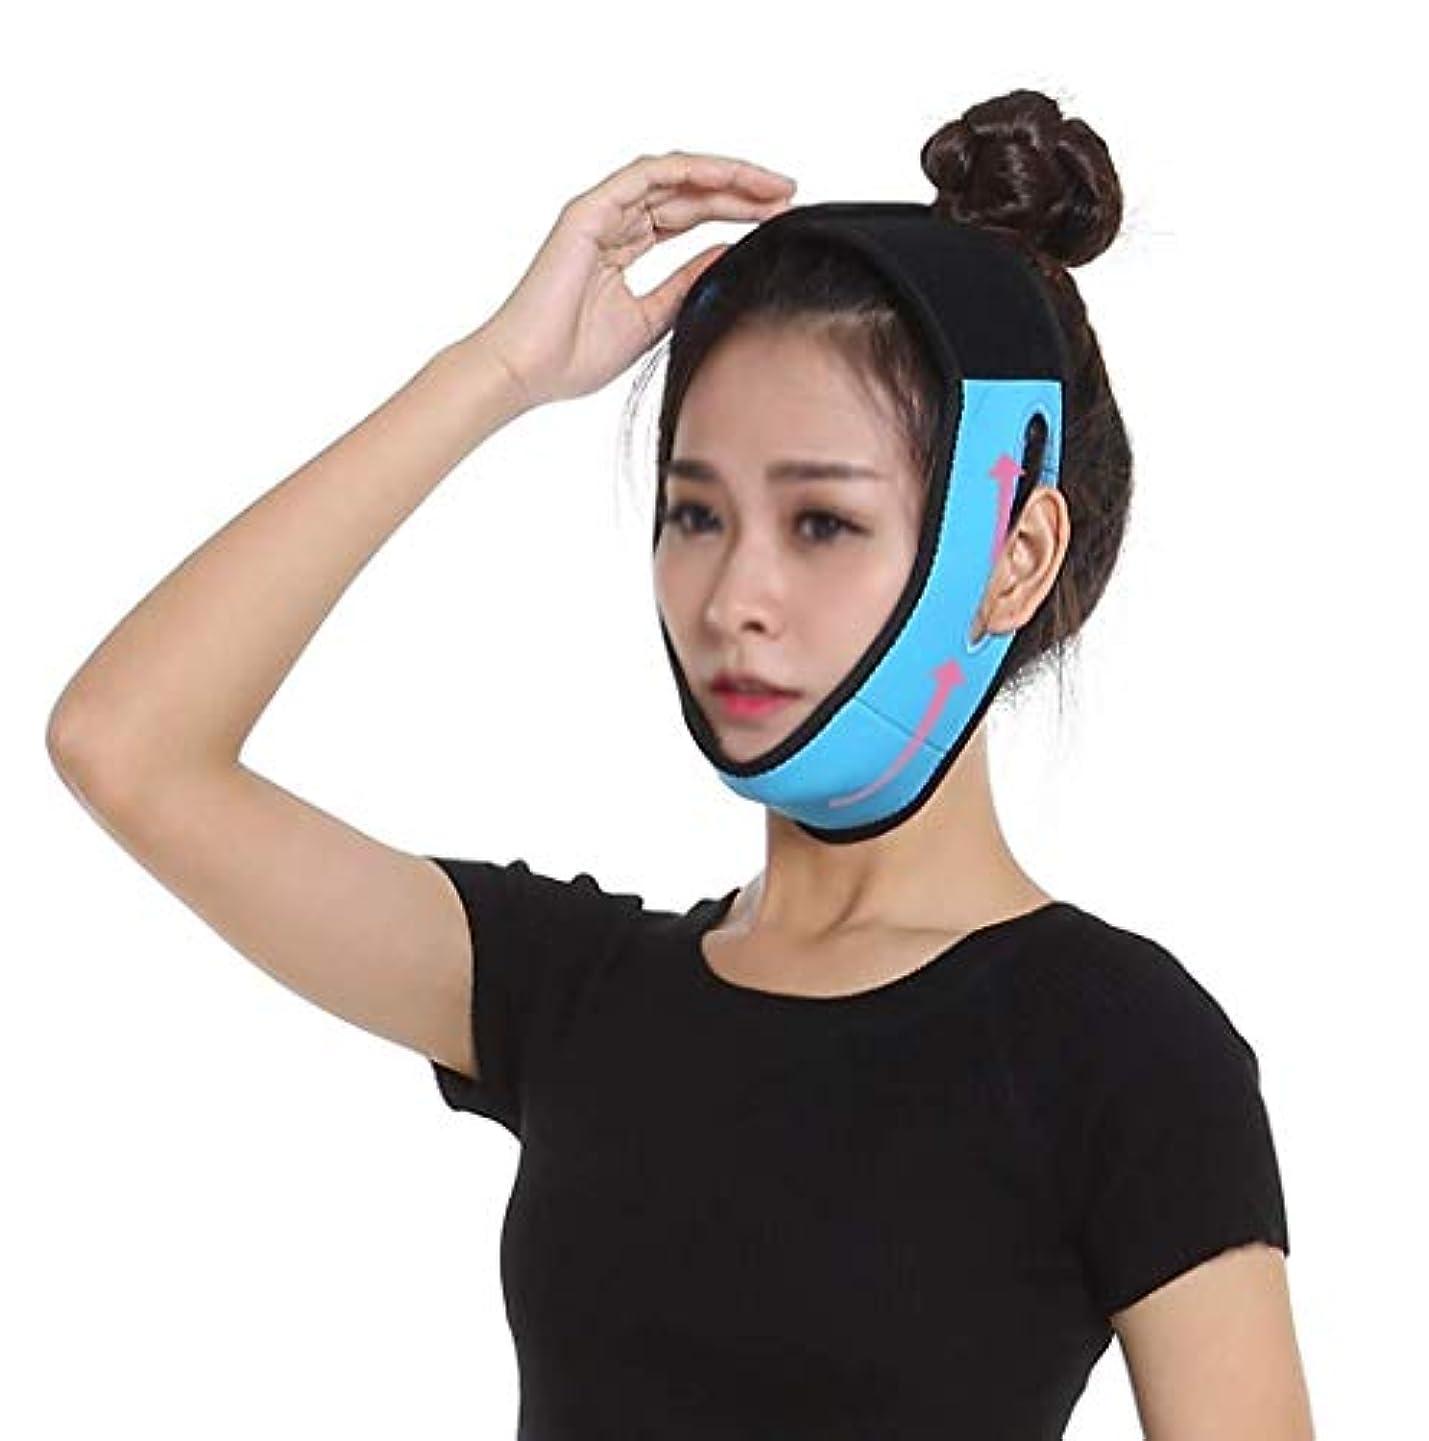 退屈なやけど戻すスリミングベルト、フェイスマスクVフェイスアーティファクトマッサージマスクは、あごの筋肉の収縮を強化し、Vフェイスリフトを簡単に形成するタイトな青い包帯